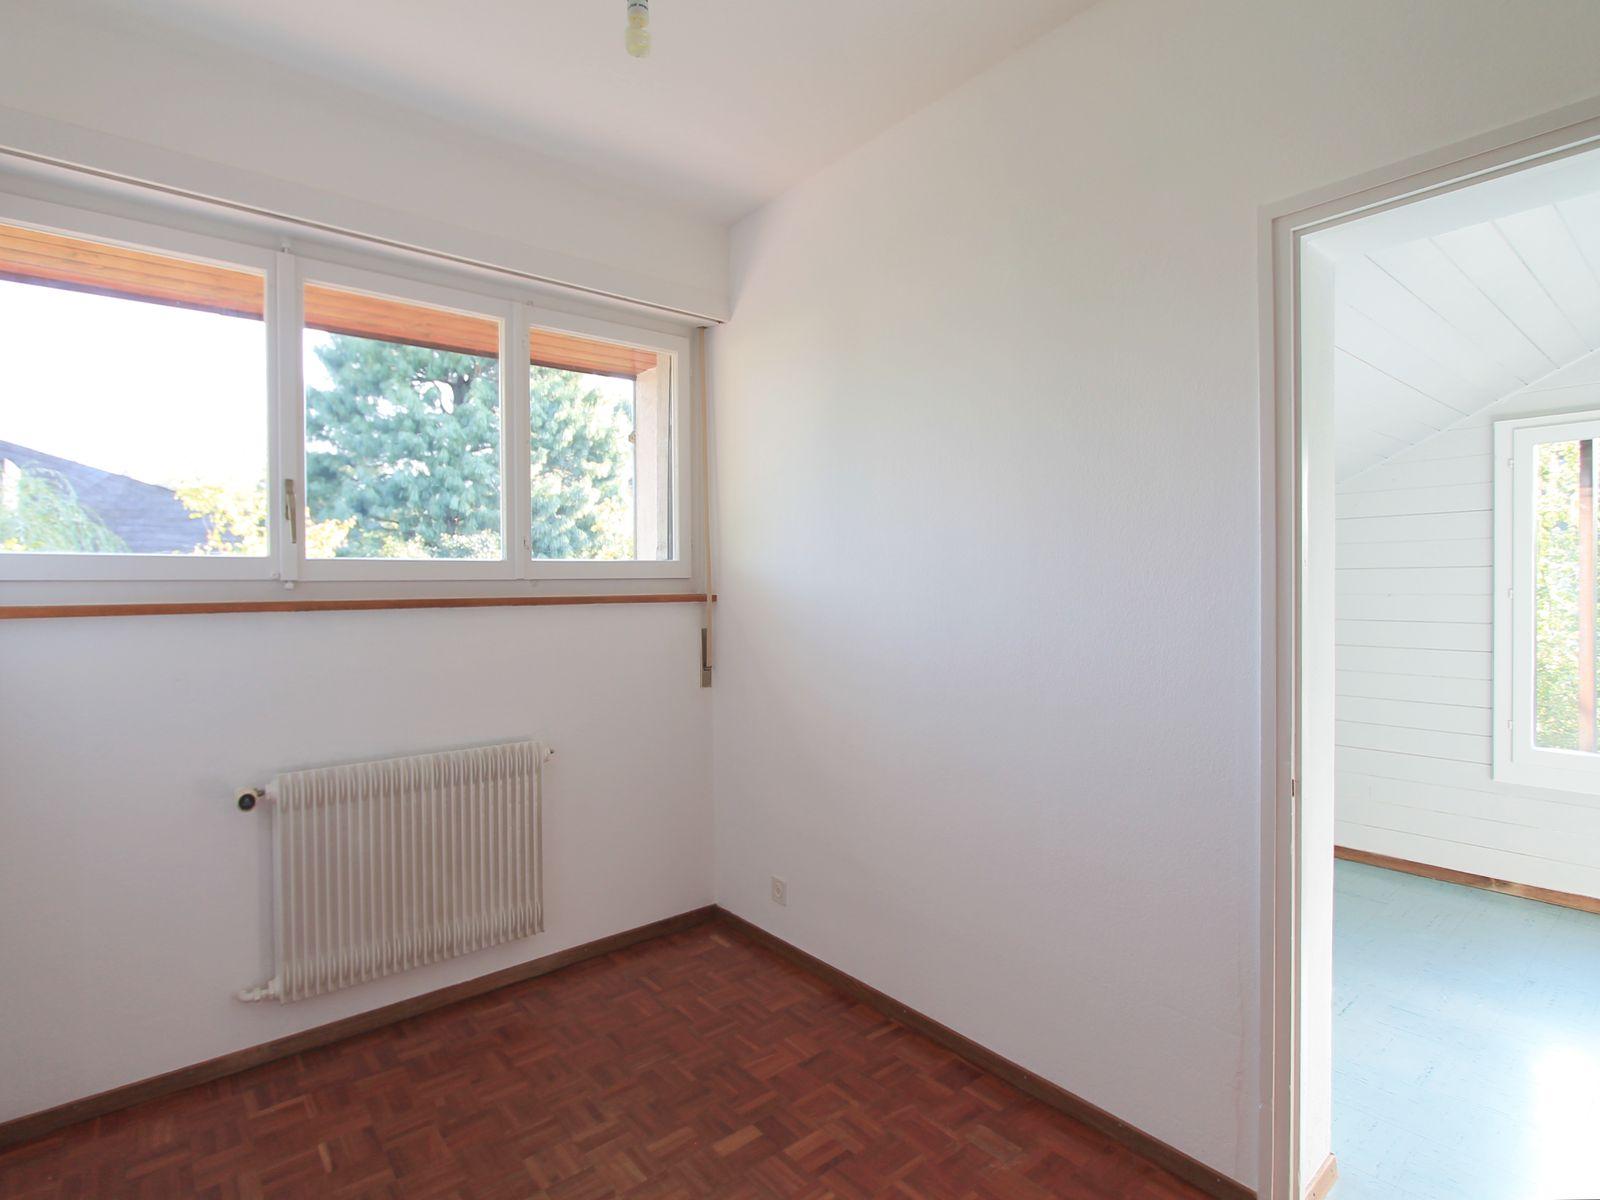 Petite chambre avec fen^tre et porte vers la salle-de-jeux